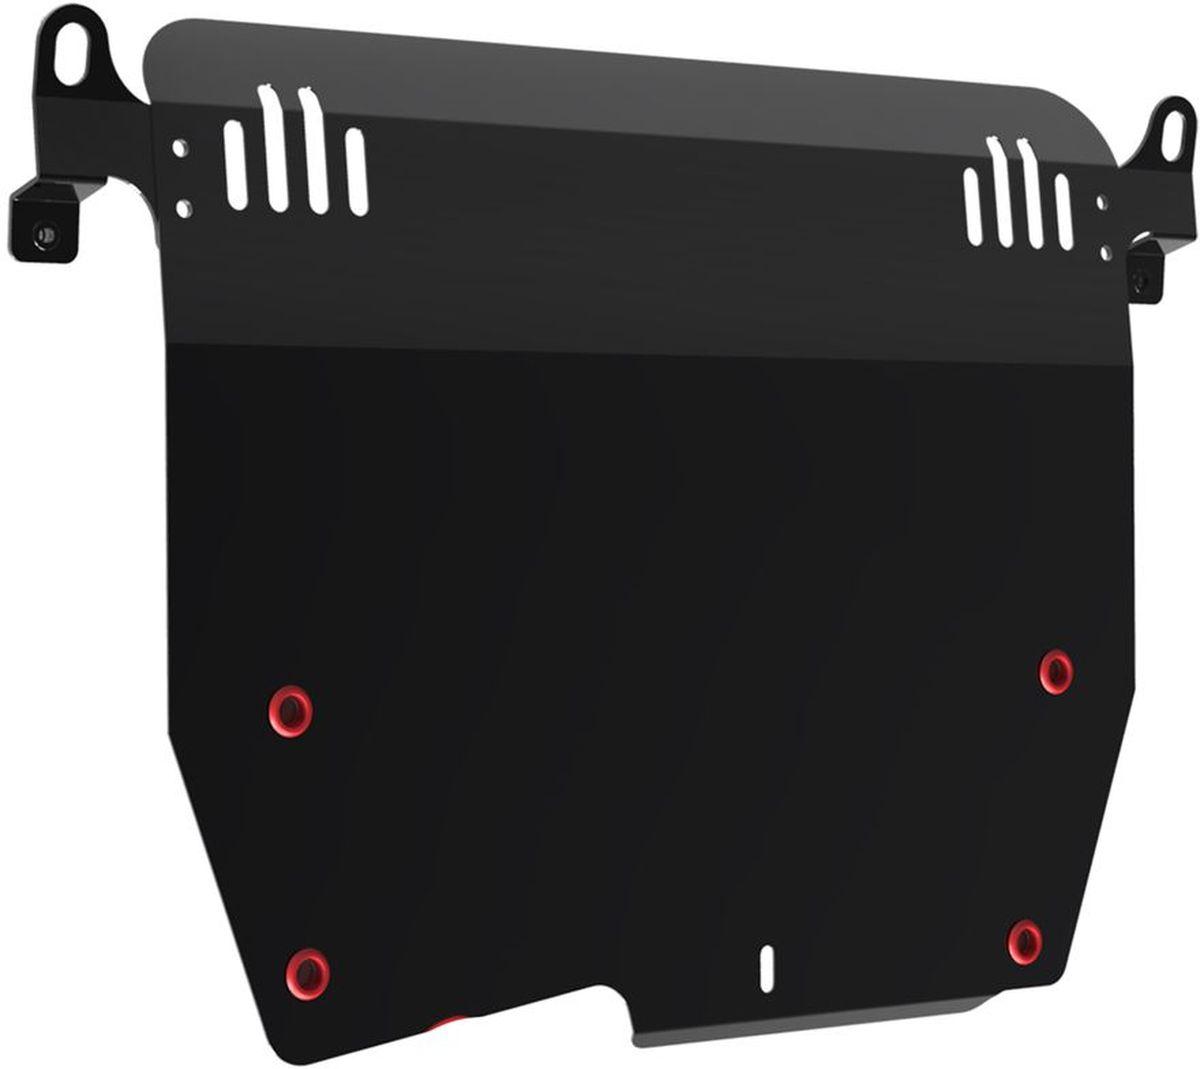 Защита картера и КПП Автоброня, для Honda Accord. 111.02101.298298130Технологически совершенный продукт за невысокую стоимость.Защита разработана с учетом особенностей днища автомобиля, что позволяет сохранить дорожный просвет с минимальным изменением.Защита устанавливается в штатные места кузова автомобиля. Глубокий штамп обеспечивает до двух раз больше жесткости в сравнении с обычной защитой той же толщины. Проштампованные ребра жесткости препятствуют деформации защиты при ударах.Тепловой зазор и вентиляционные отверстия обеспечивают сохранение температурного режима двигателя в норме. Скрытый крепеж предотвращает срыв крепежных элементов при наезде на препятствие.Шумопоглощающие резиновые элементы обеспечивают комфортную езду без вибраций и скрежета металла, а съемные лючки для слива масла и замены фильтра - экономию средств и время.Конструкция изделия не влияет на пассивную безопасность автомобиля (при ударе защита не воздействует на деформационные зоны кузова). Со штатным крепежом. В комплекте инструкция по установке.Толщина стали: 2 мм.